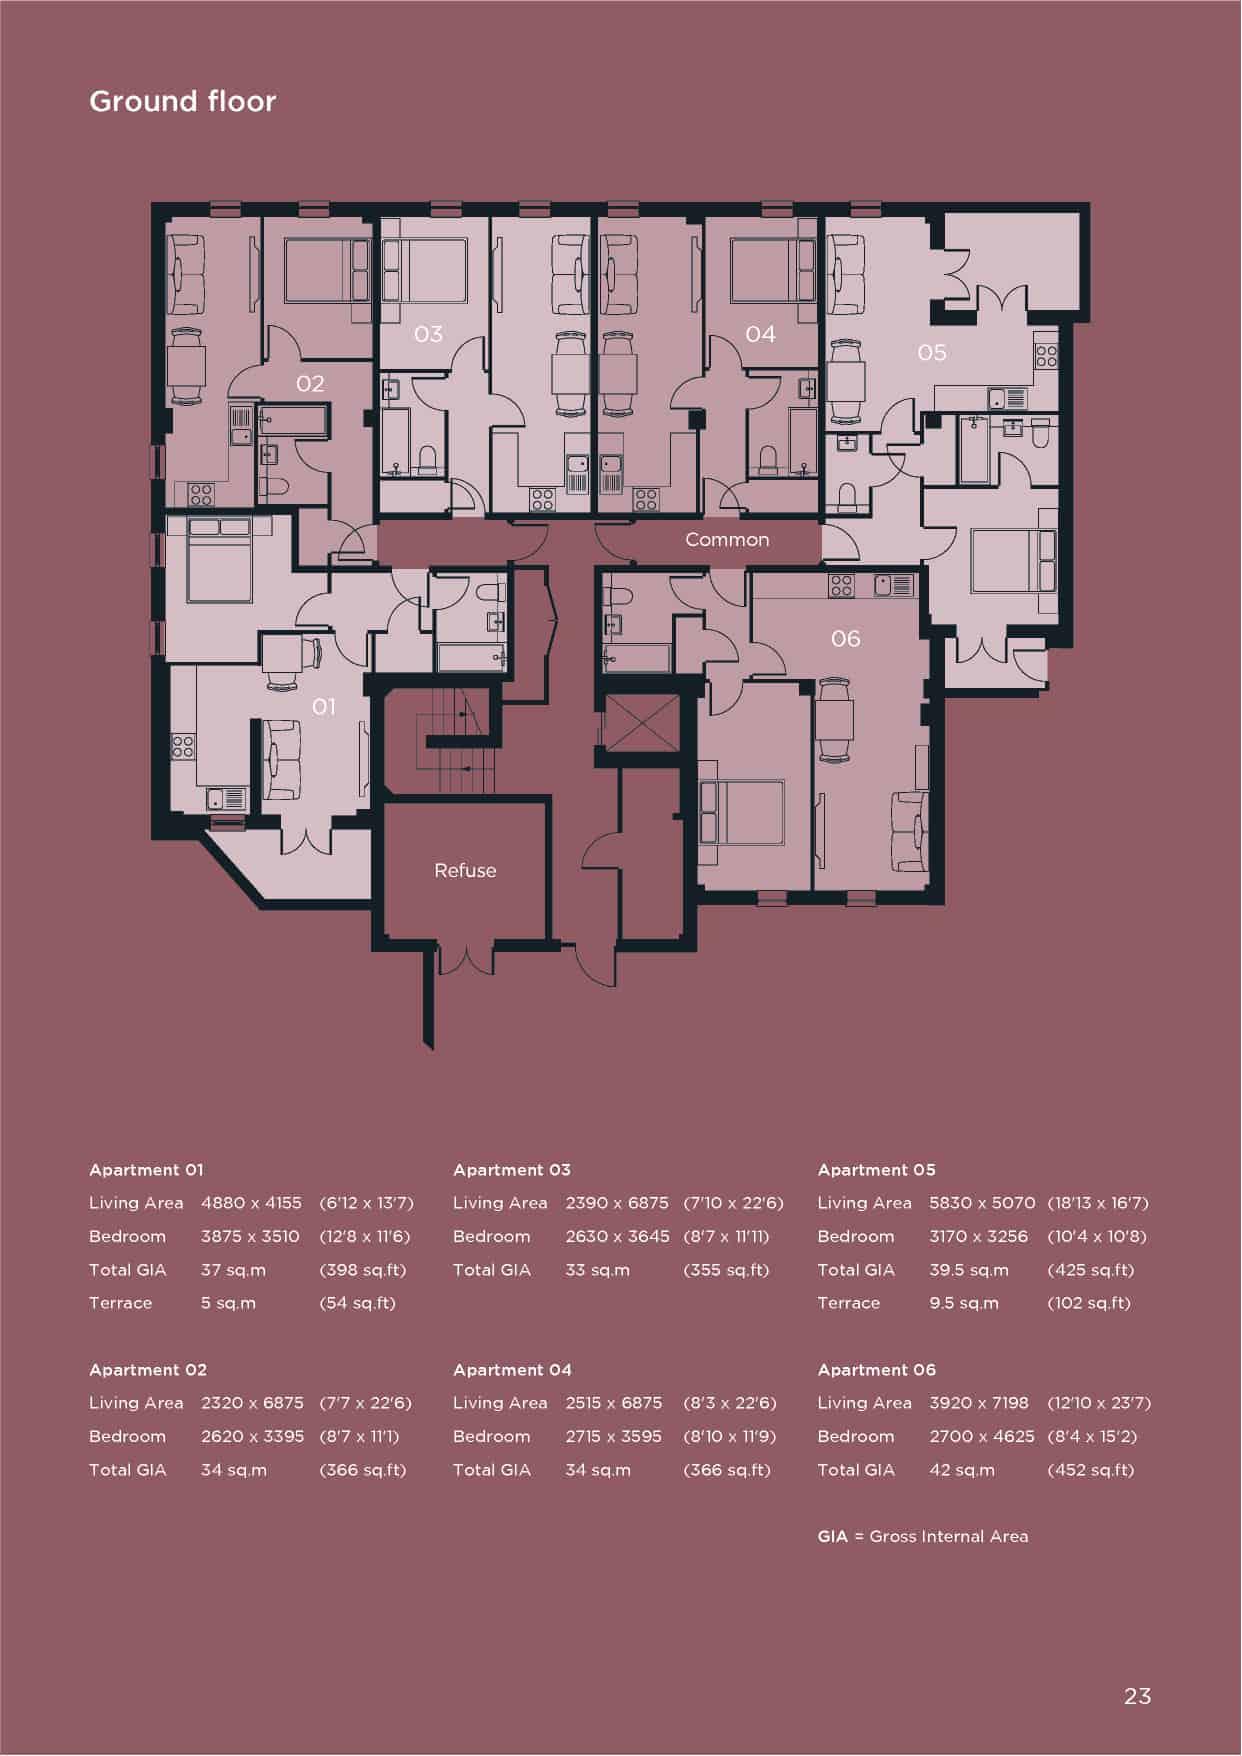 St Pancras Ground Floor